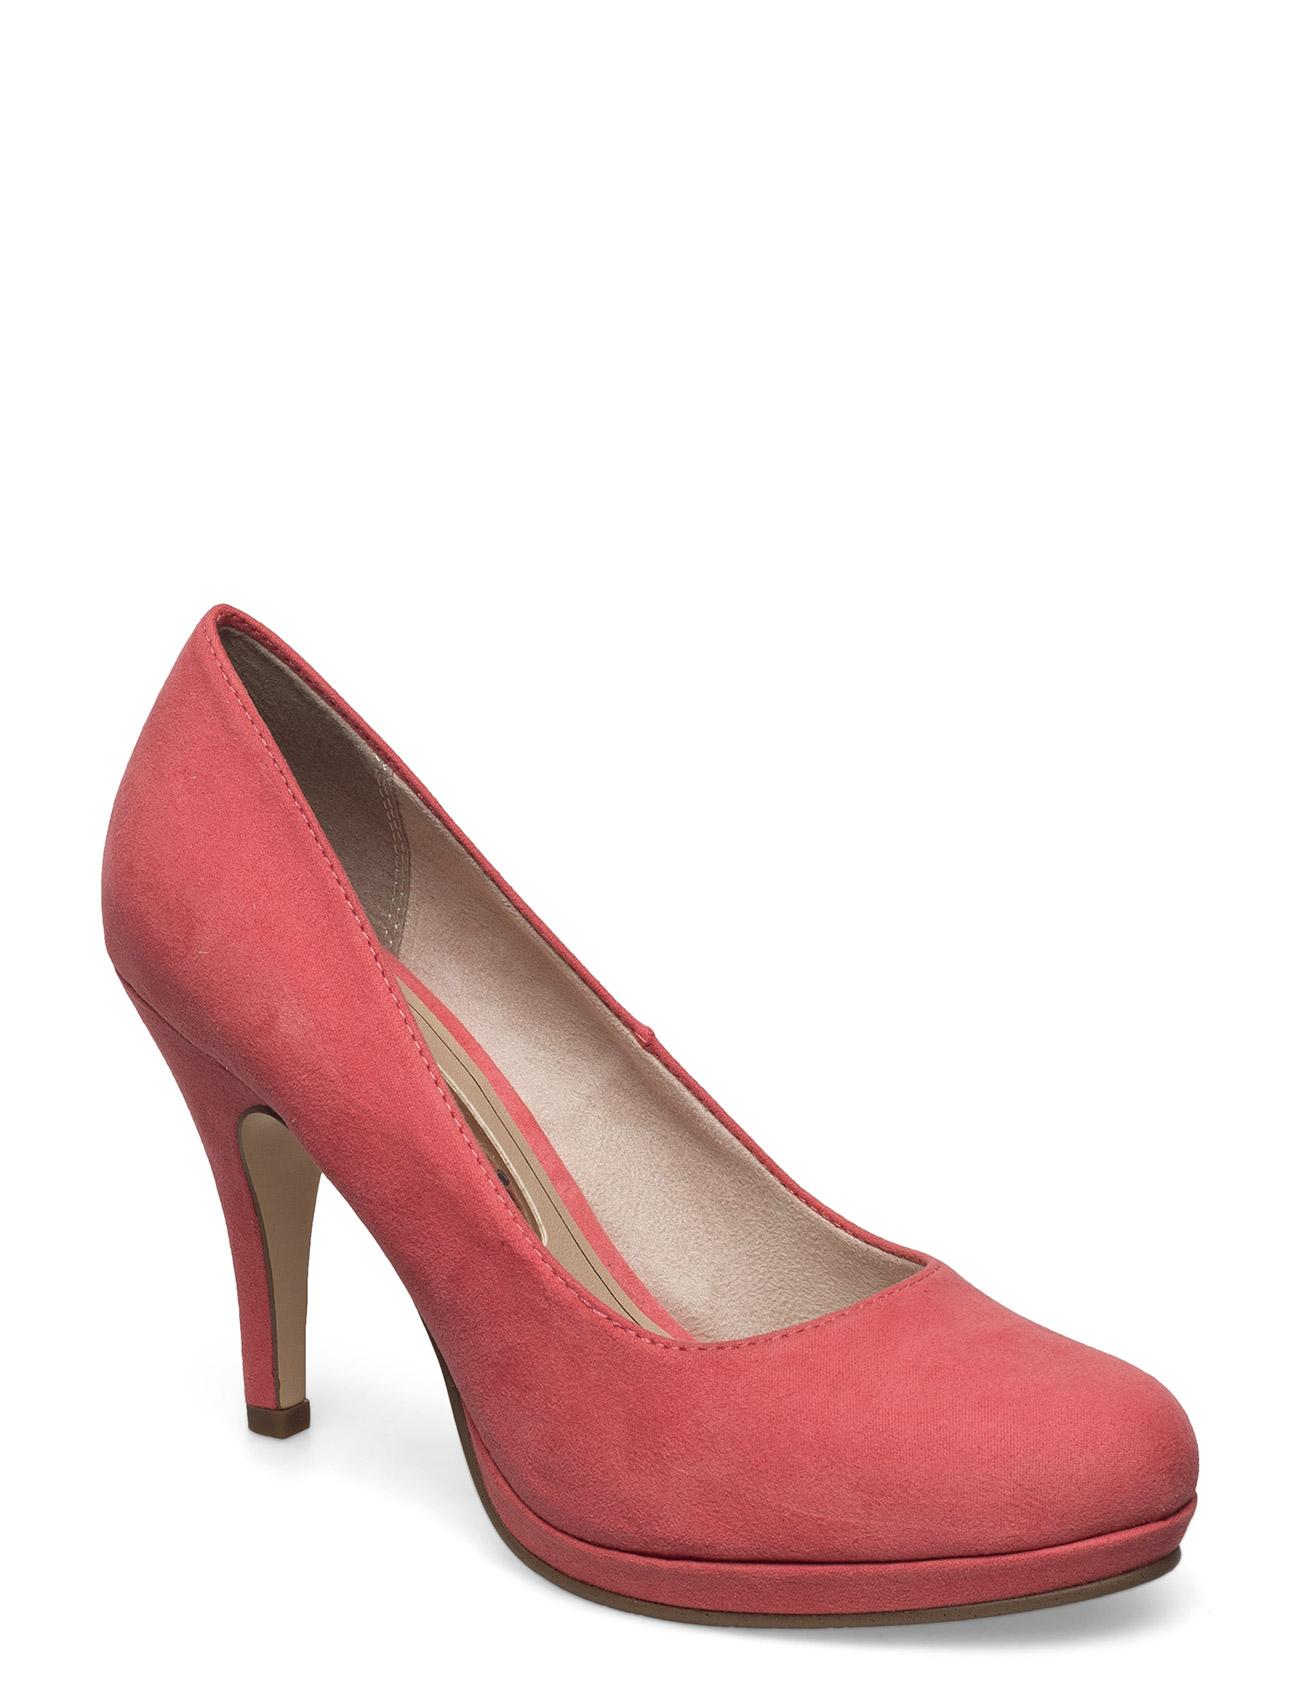 tamaris Woms court shoe - taggia på boozt.com dk